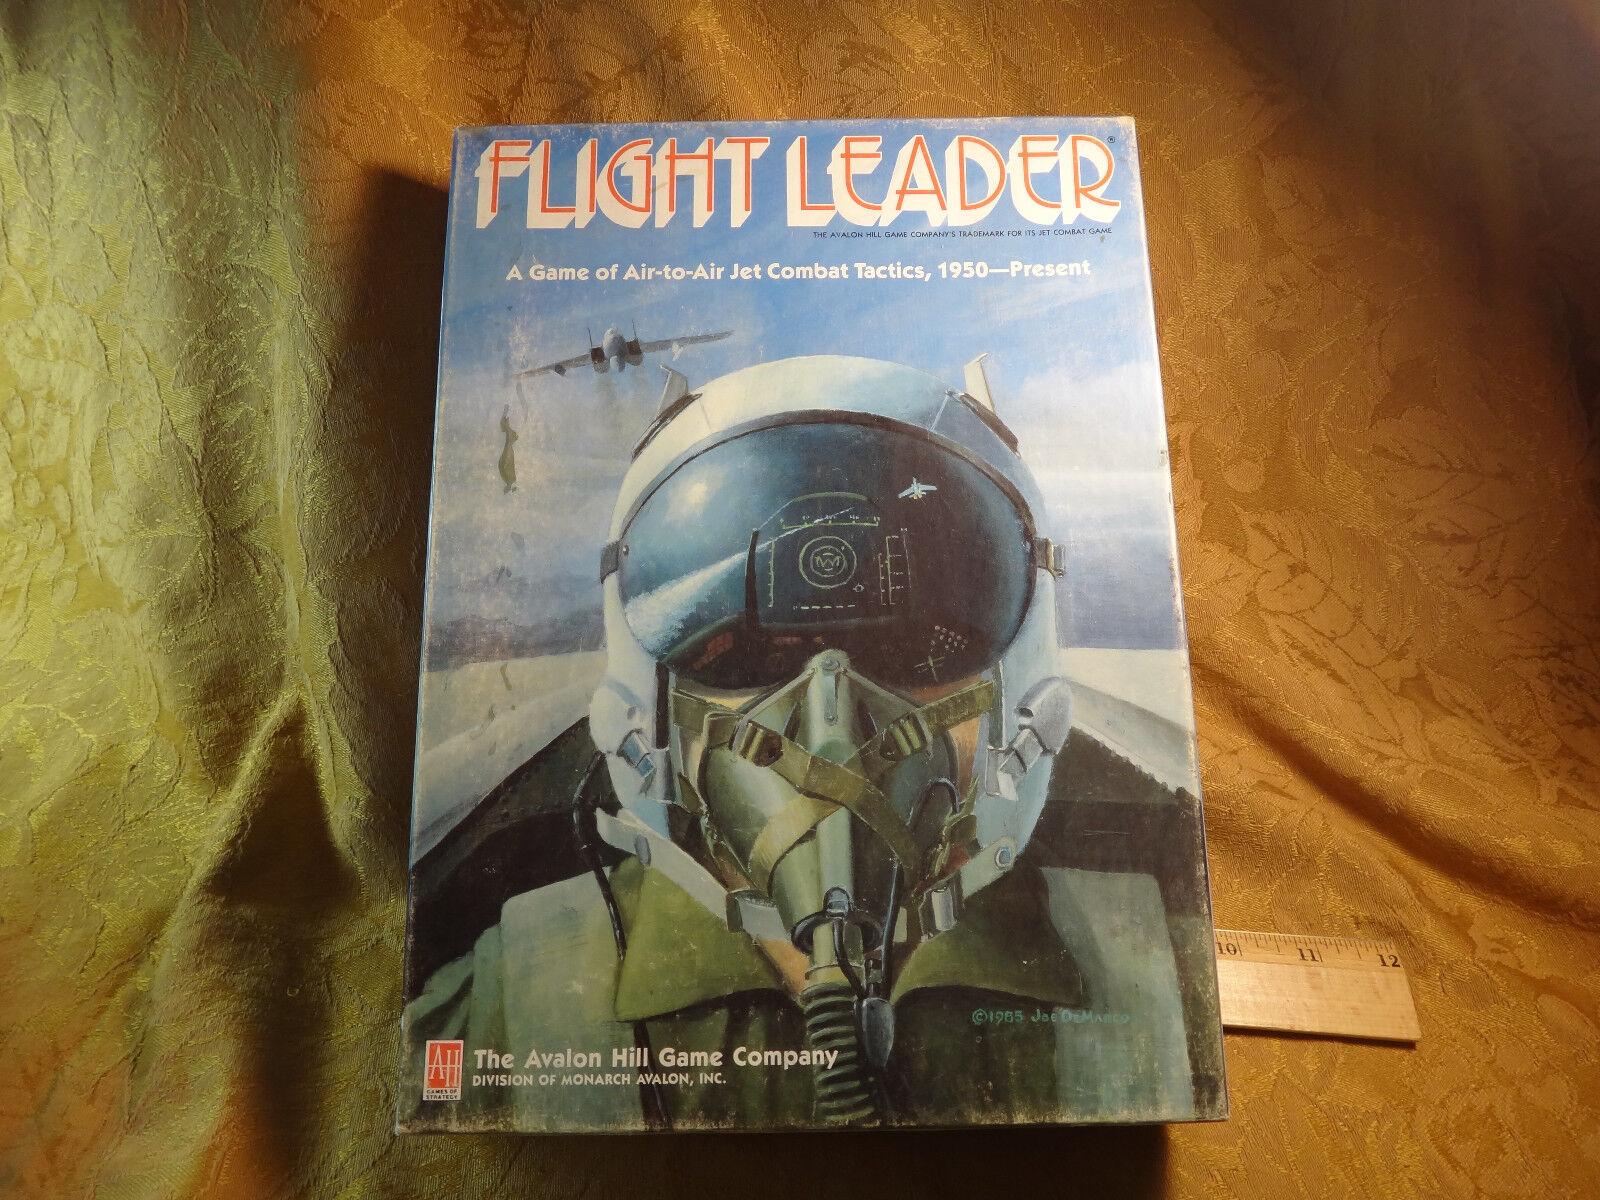 Avalon Hill gioco azienda volo Leader gioco - gratuito S&H  USA  economico